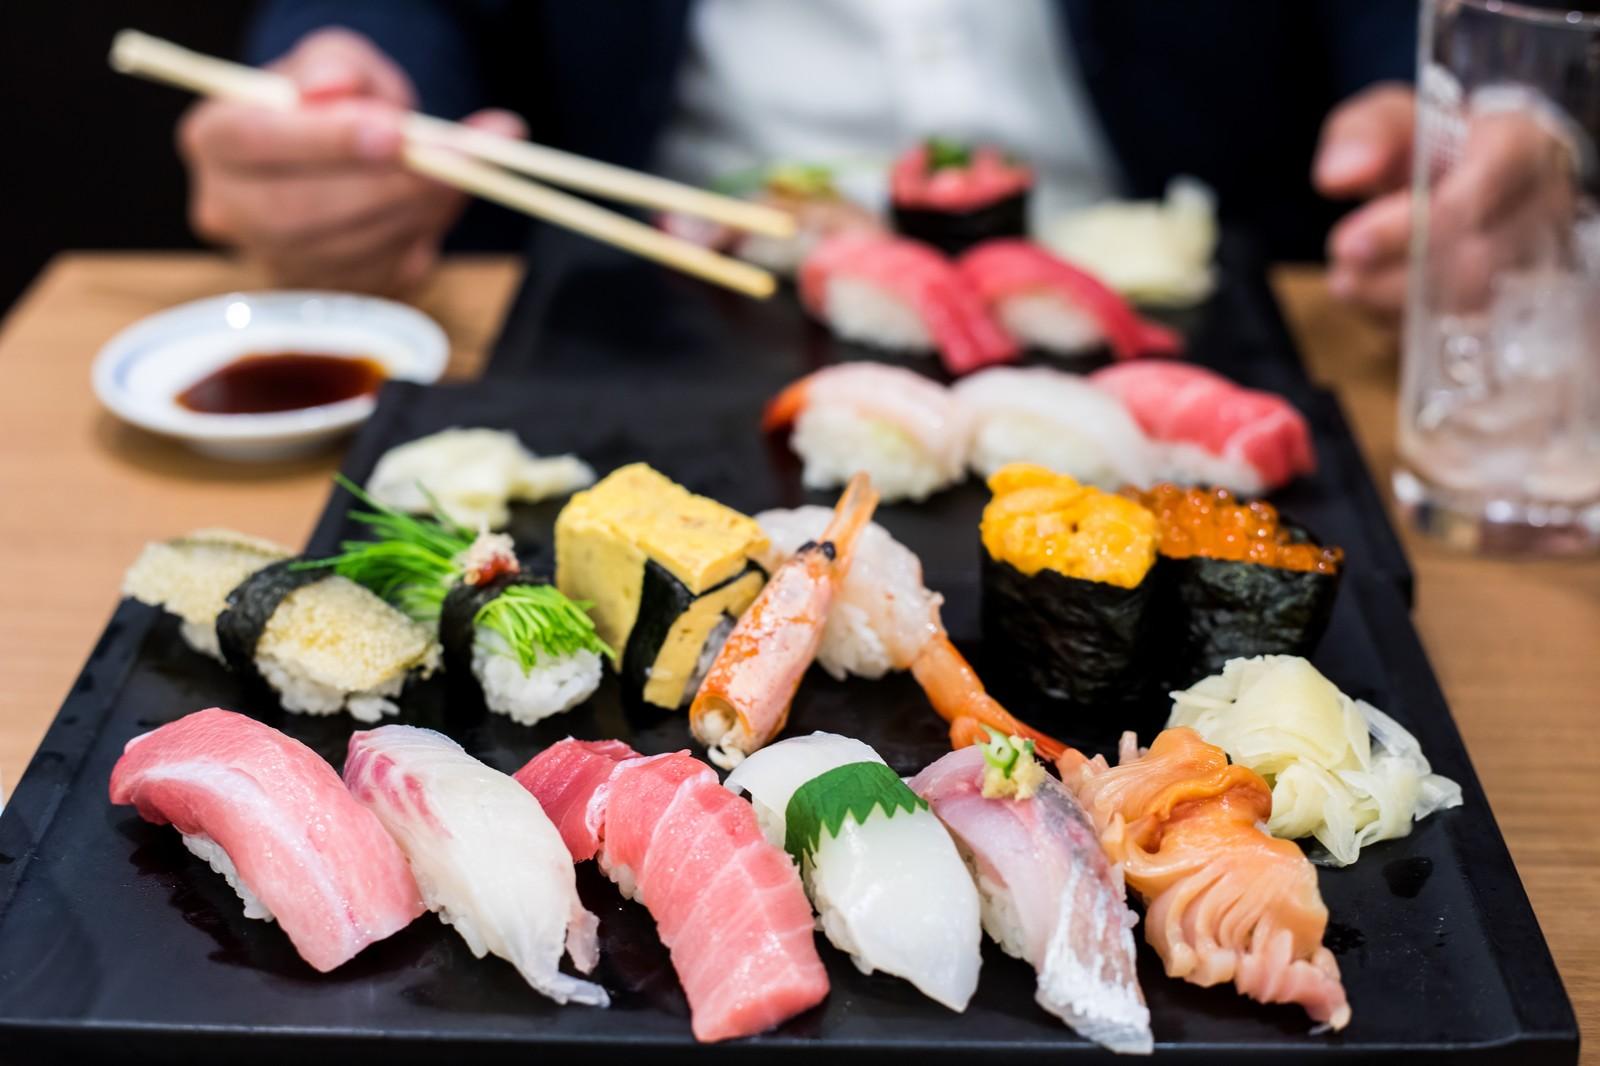 赤坂のおすすめ寿司はここ!人気の安くて美味しい店や個室も!